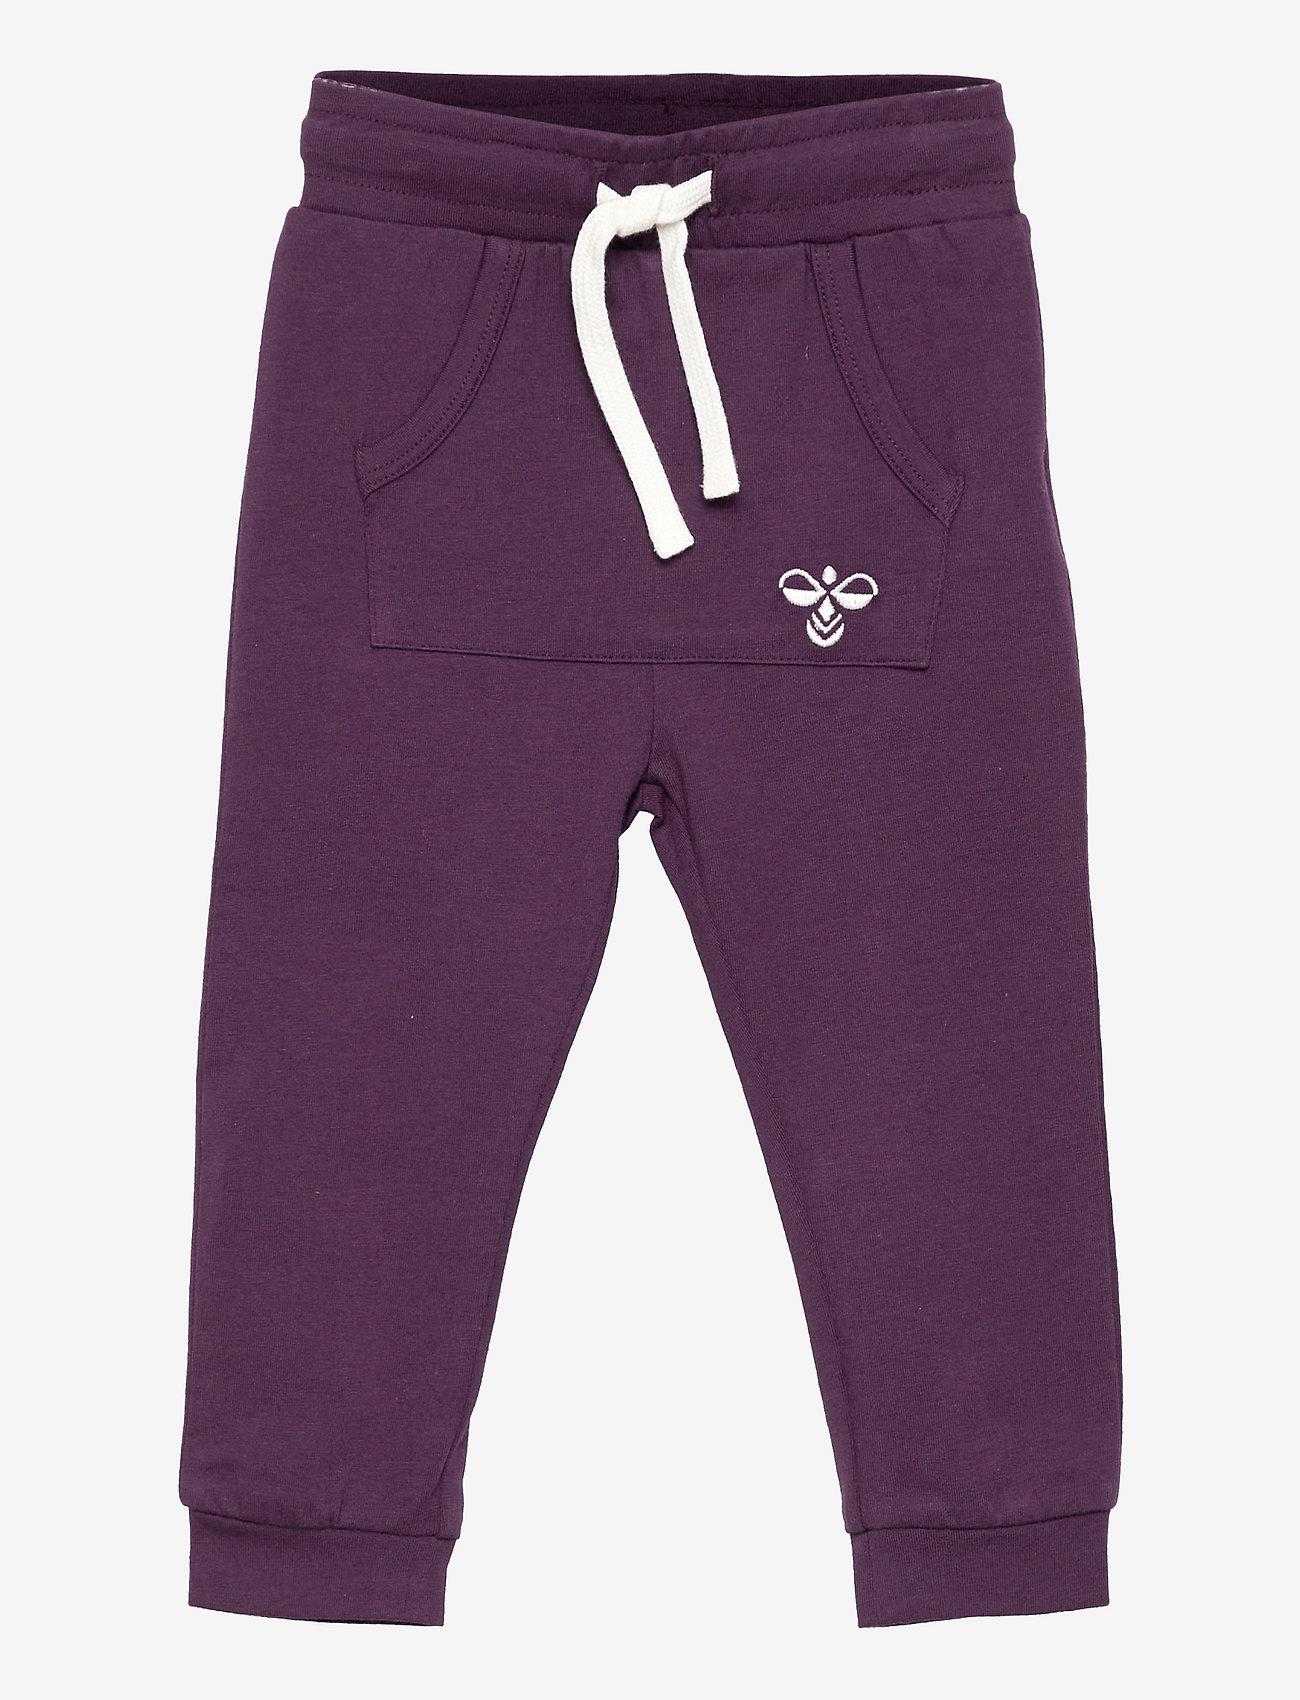 Hummel - hmlFUTTE PANTS - sports pants - blackberry wine - 0